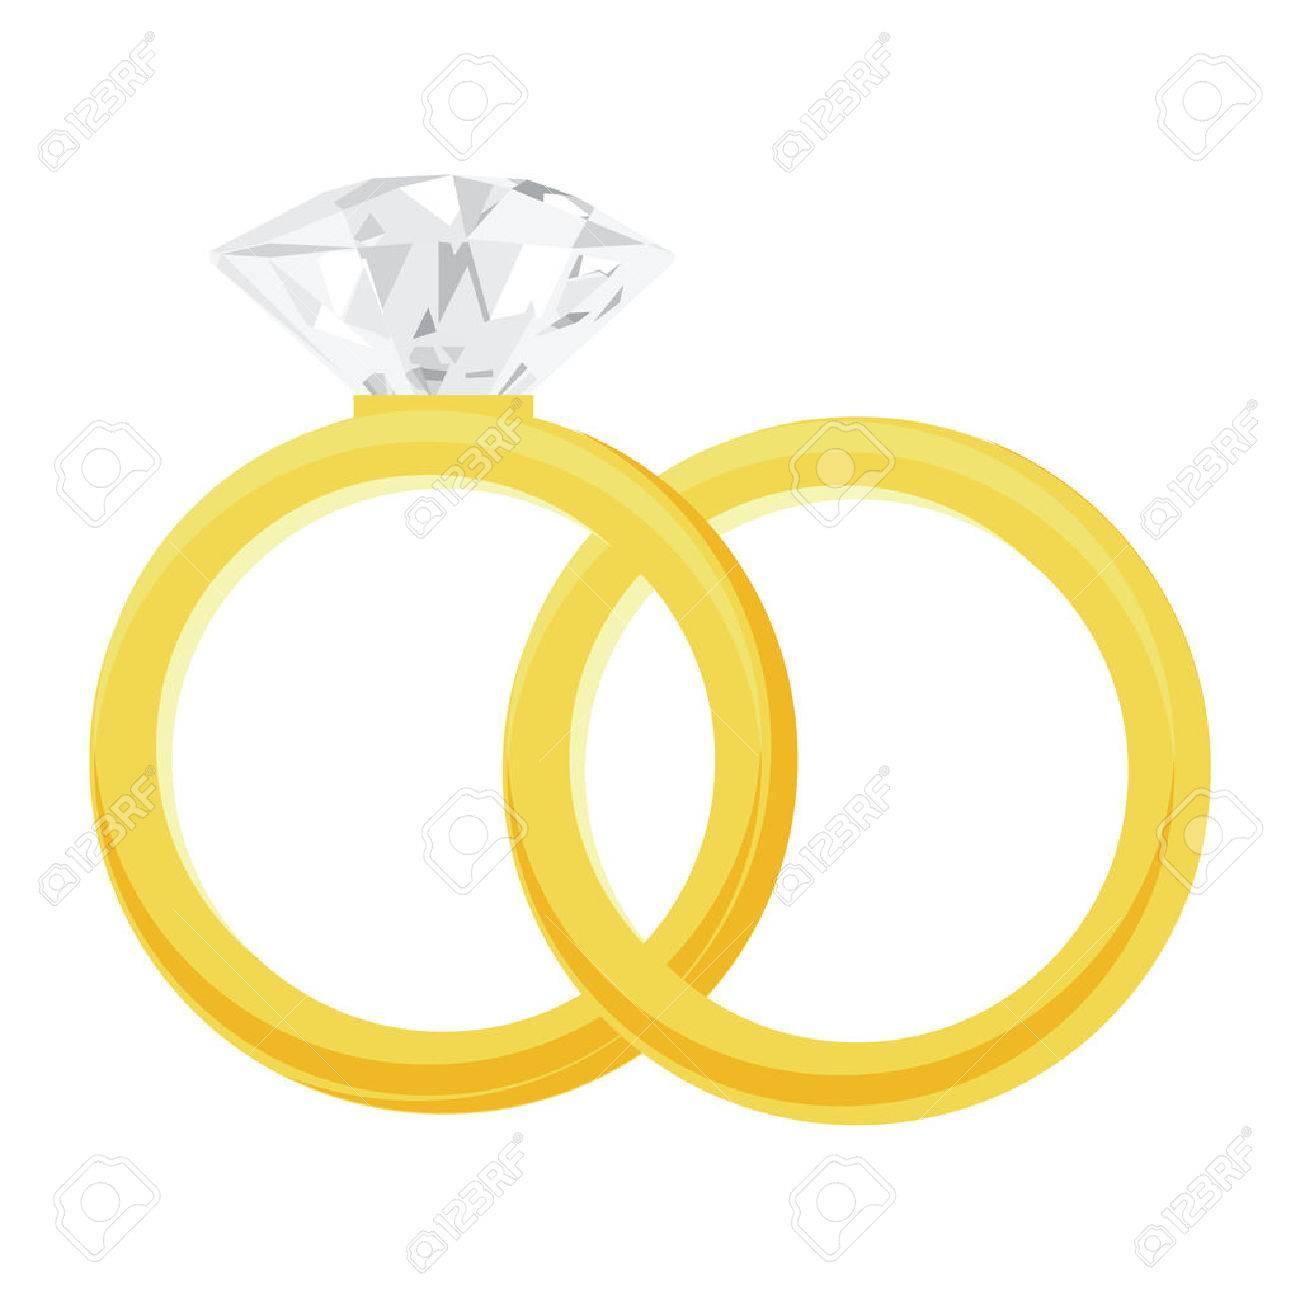 ゴールデン リングと大きく光沢のあるダイヤモンド リングはベクトル